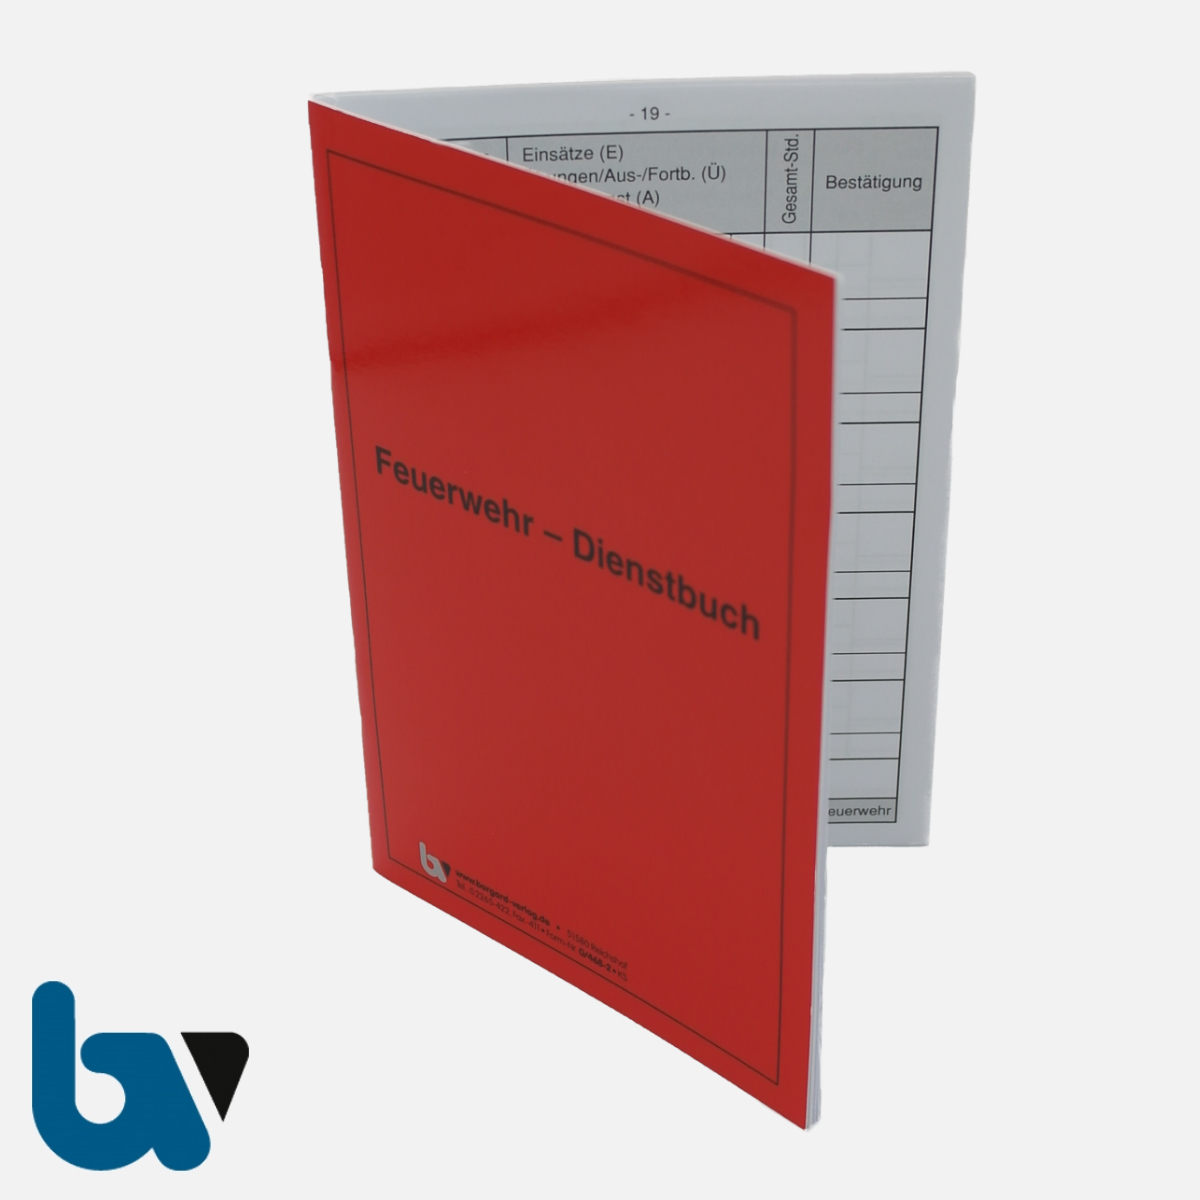 0/468-2 Dienstbuch Freiwillige Feuerwehr Bericht rot Umschlag wetterfest beschichtet 40 Seiten DIN A6 VS | Borgard Verlag GmbH